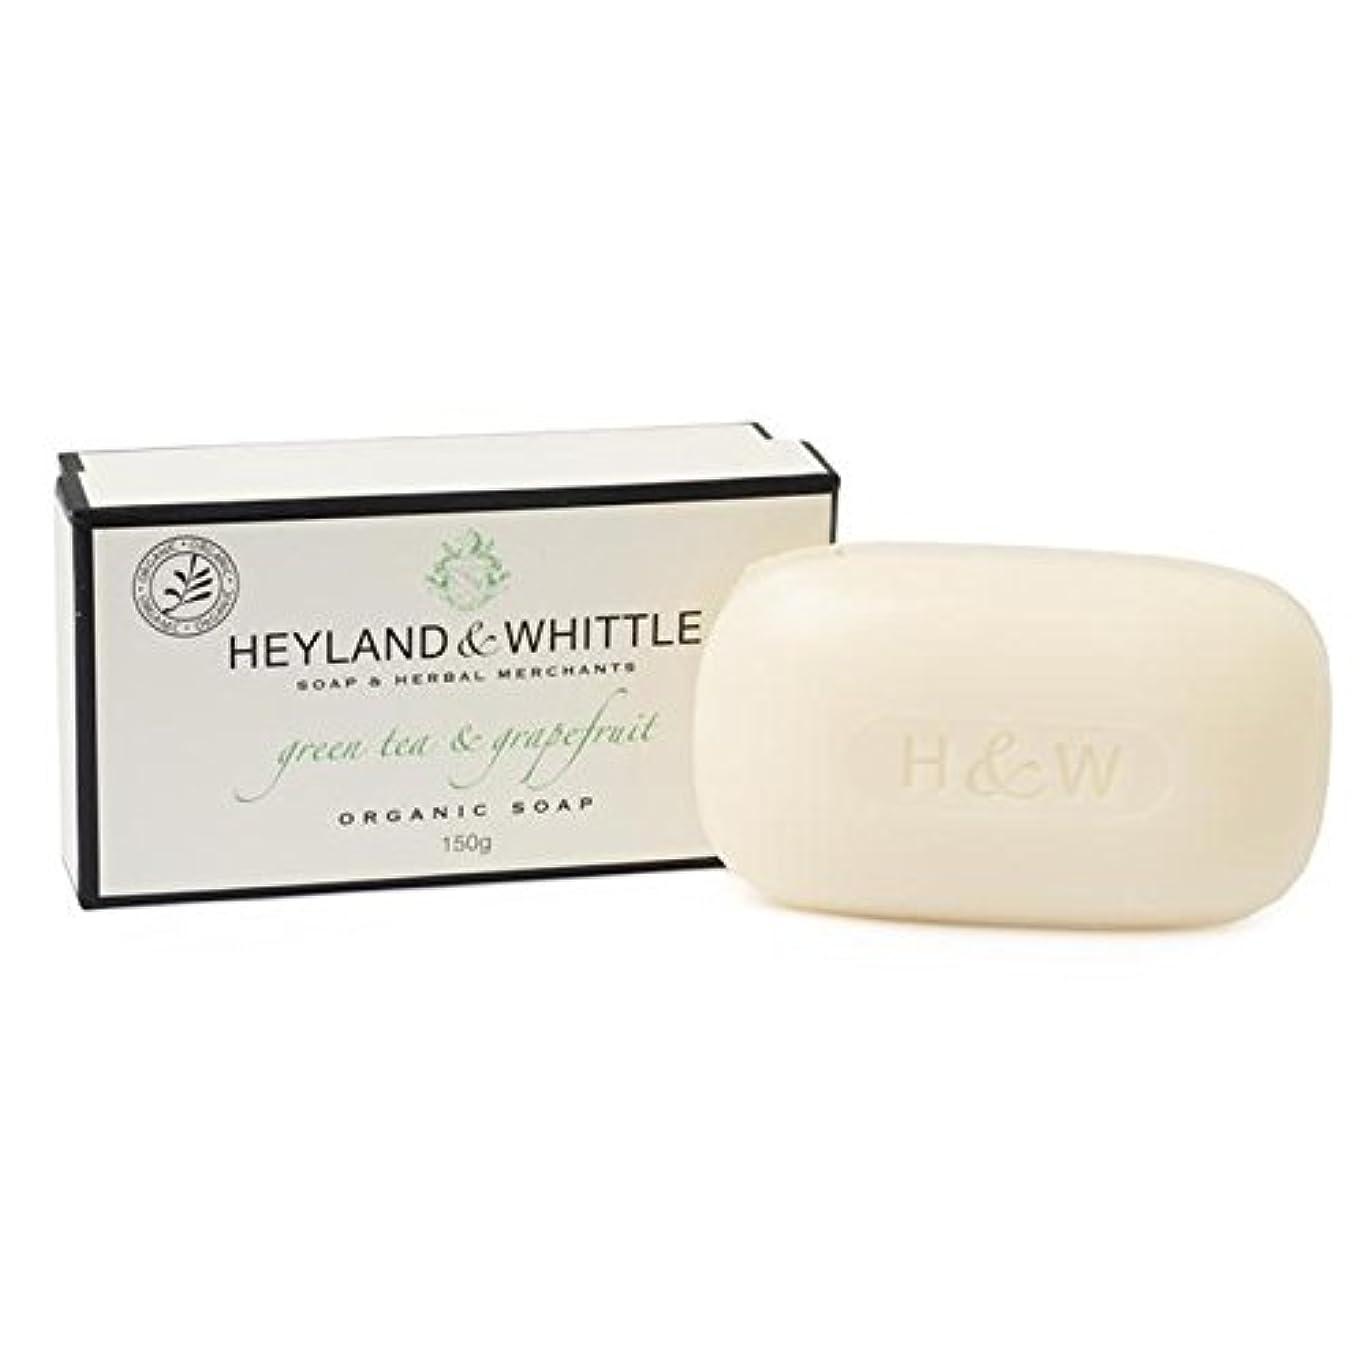 ベール耐えられる和解するHeyland & Whittle Green Tea & Grapefruit Boxed Organic Soap 150g (Pack of 6) - &削る緑茶&グレープフルーツはオーガニックソープ150グラム箱入...